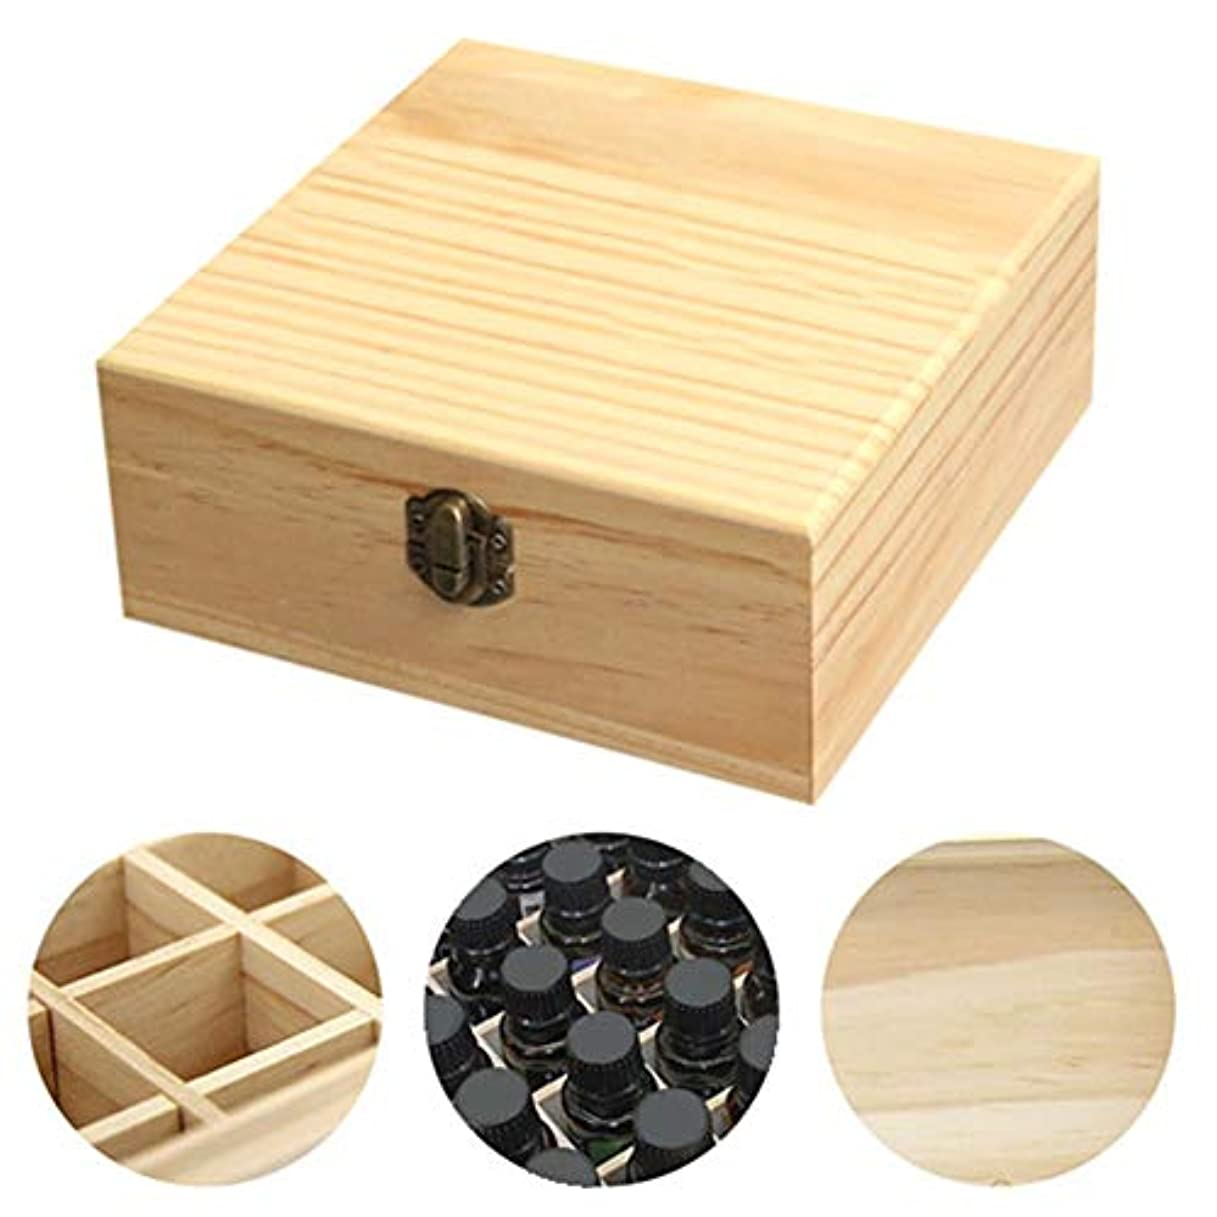 惨めな露骨な飢饉clouday エッセンシャルオイル収納ボックス 自然木製 エッセンシャルオイルオイル 収納 ボックス 香水収納ケース アロマオイル収納ボックス 25本用 approving